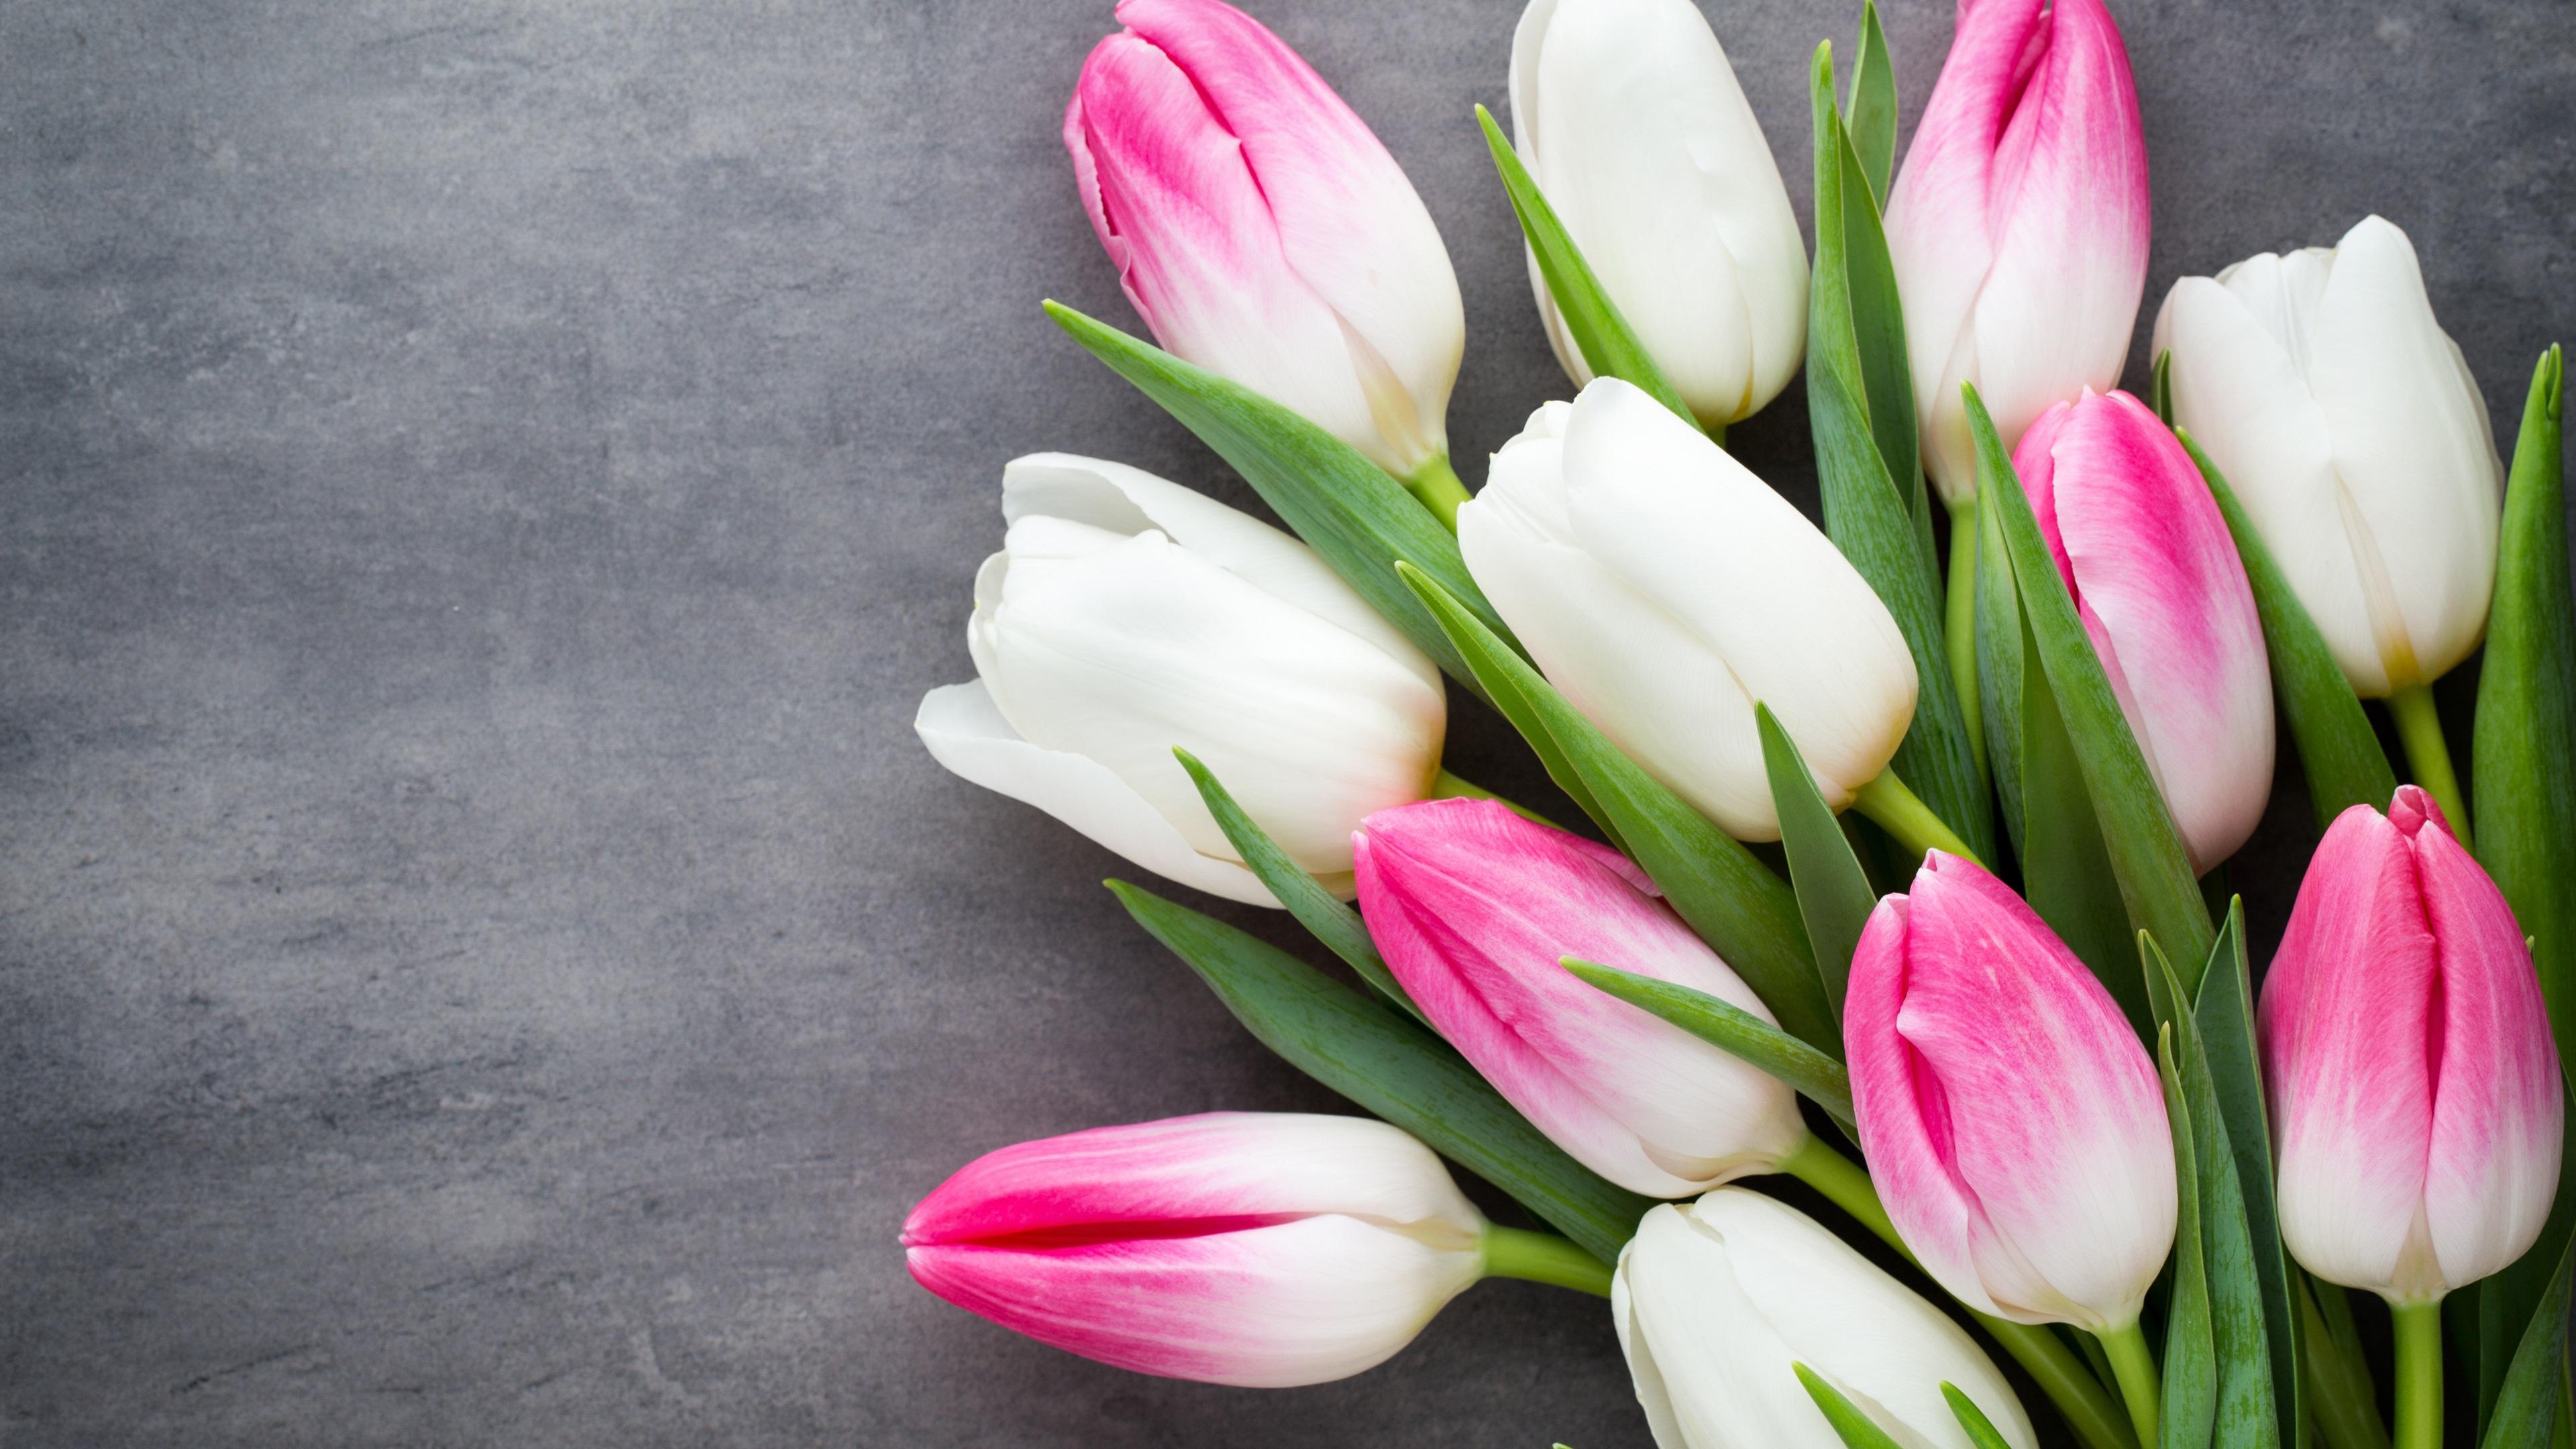 Картинки тюльпанов красивых